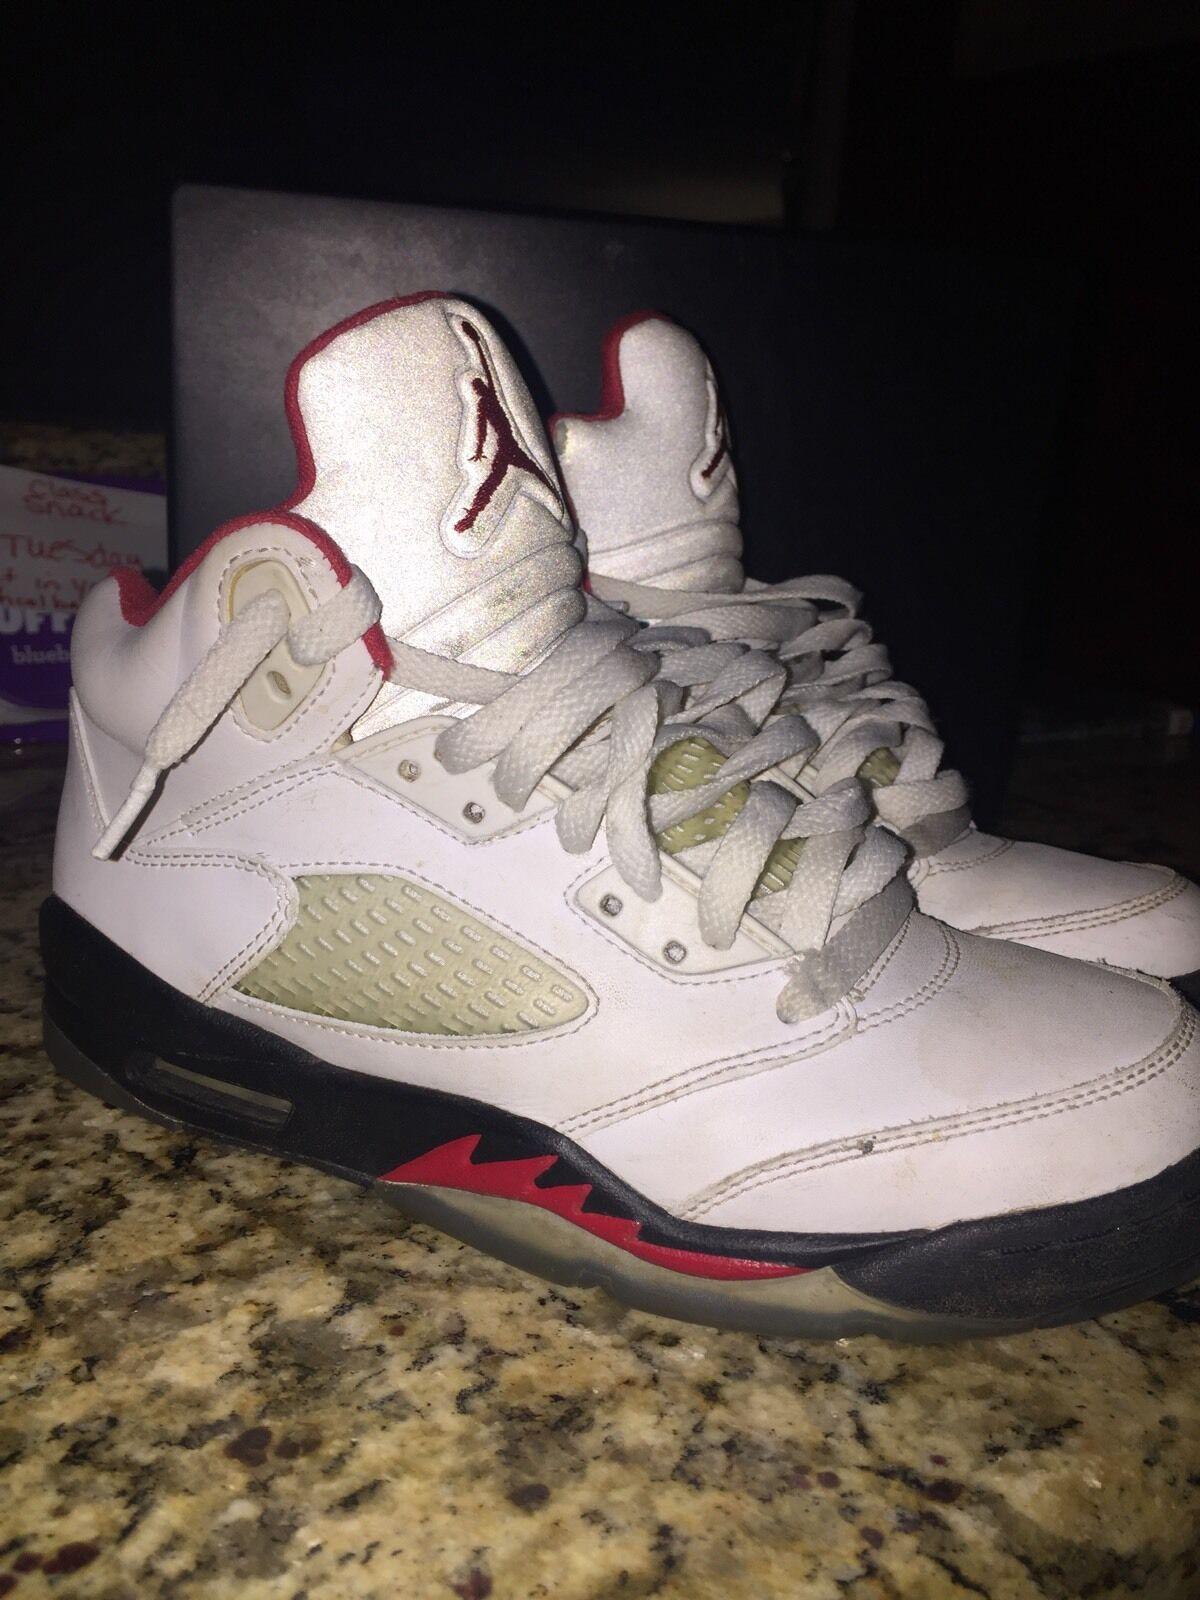 Jordan 5 Fire Red Size 6